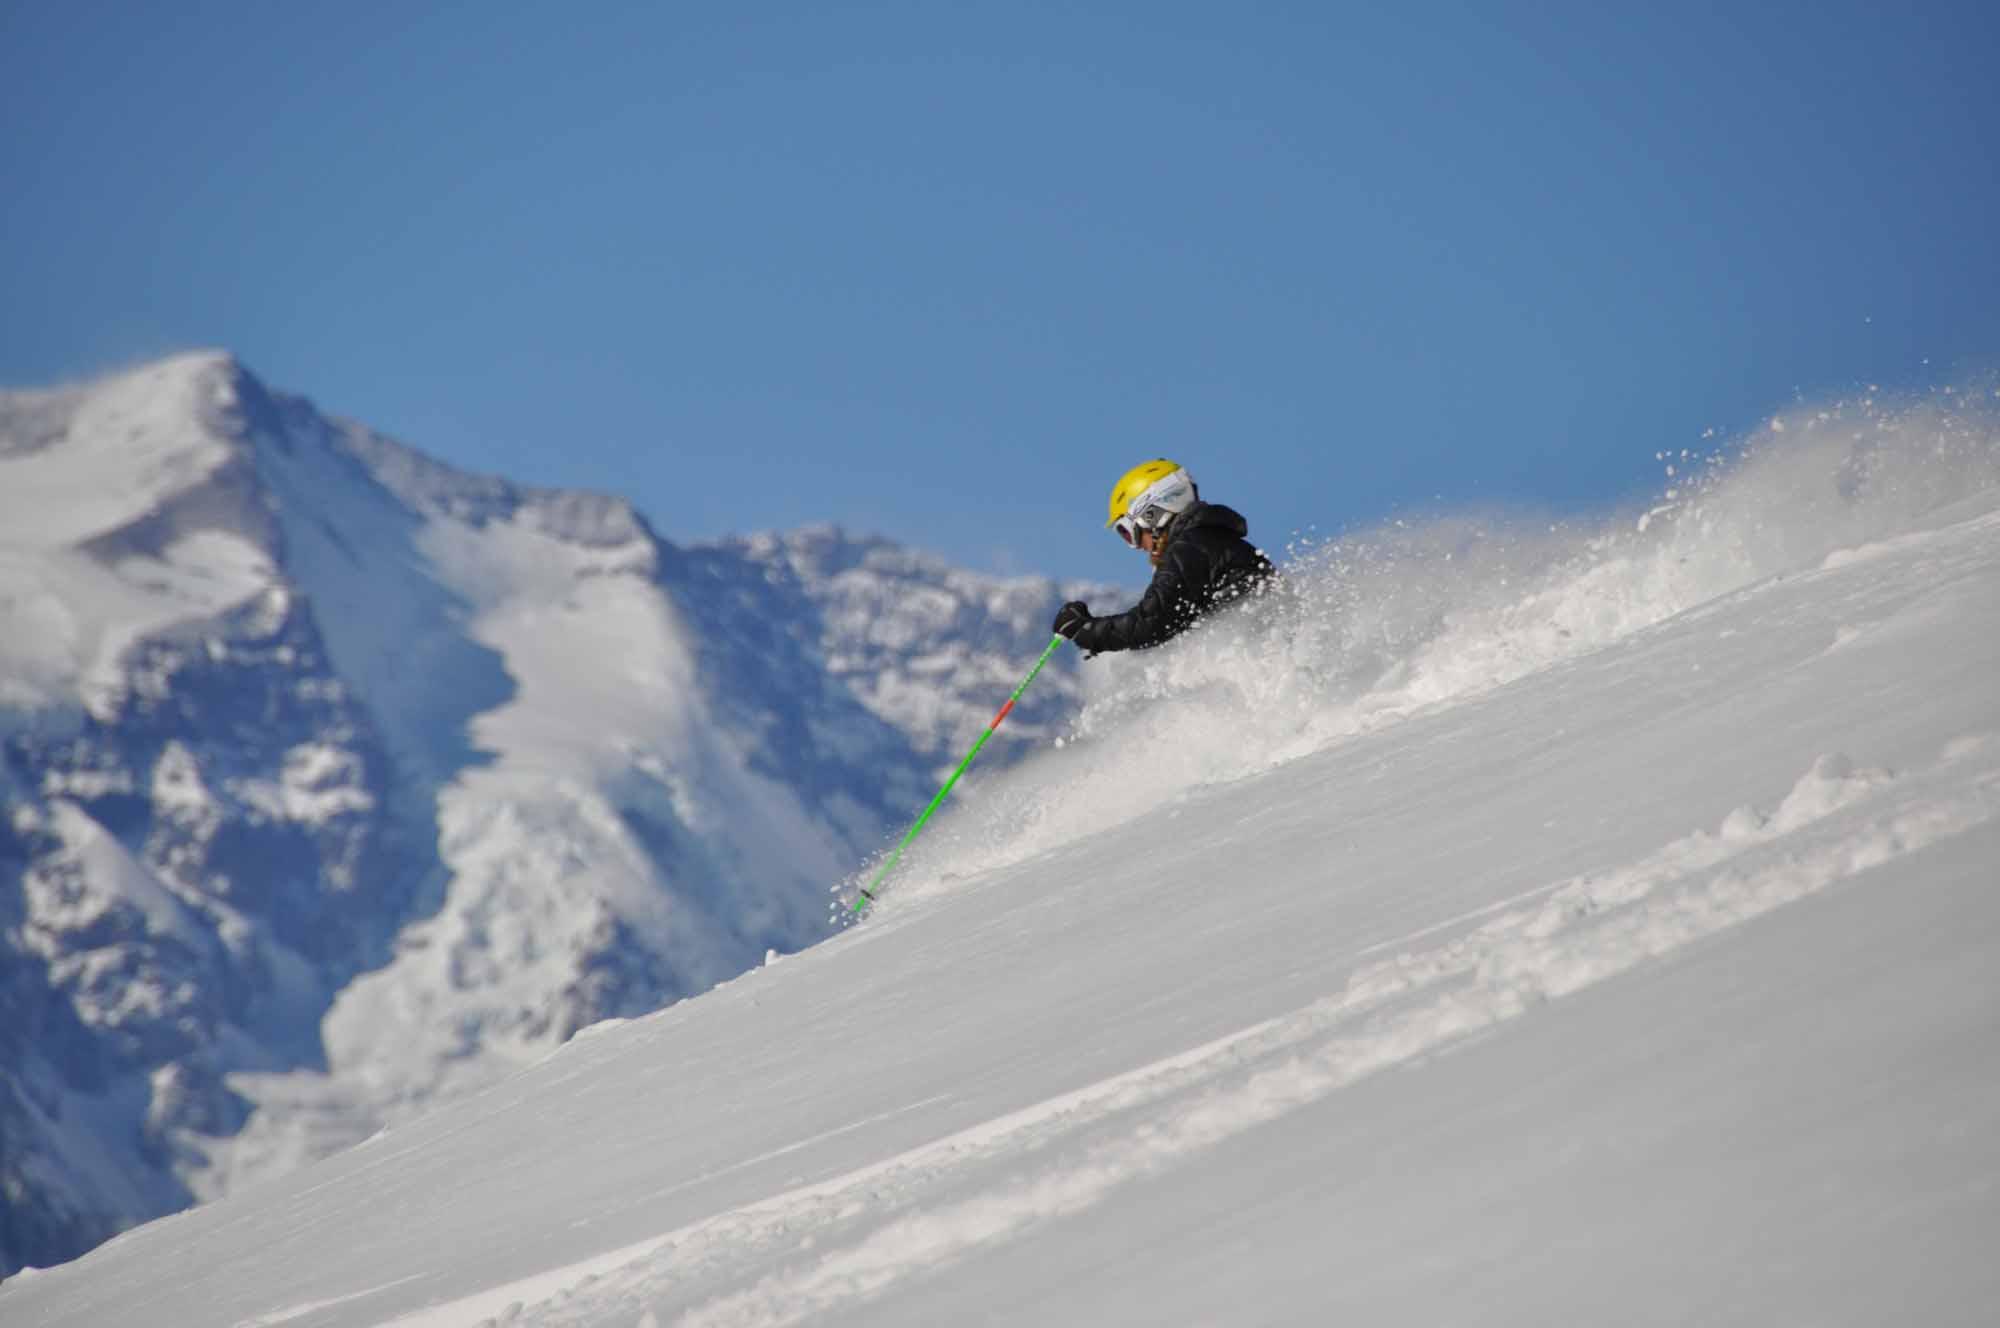 Ski-Portillo-Chile-11.jpg